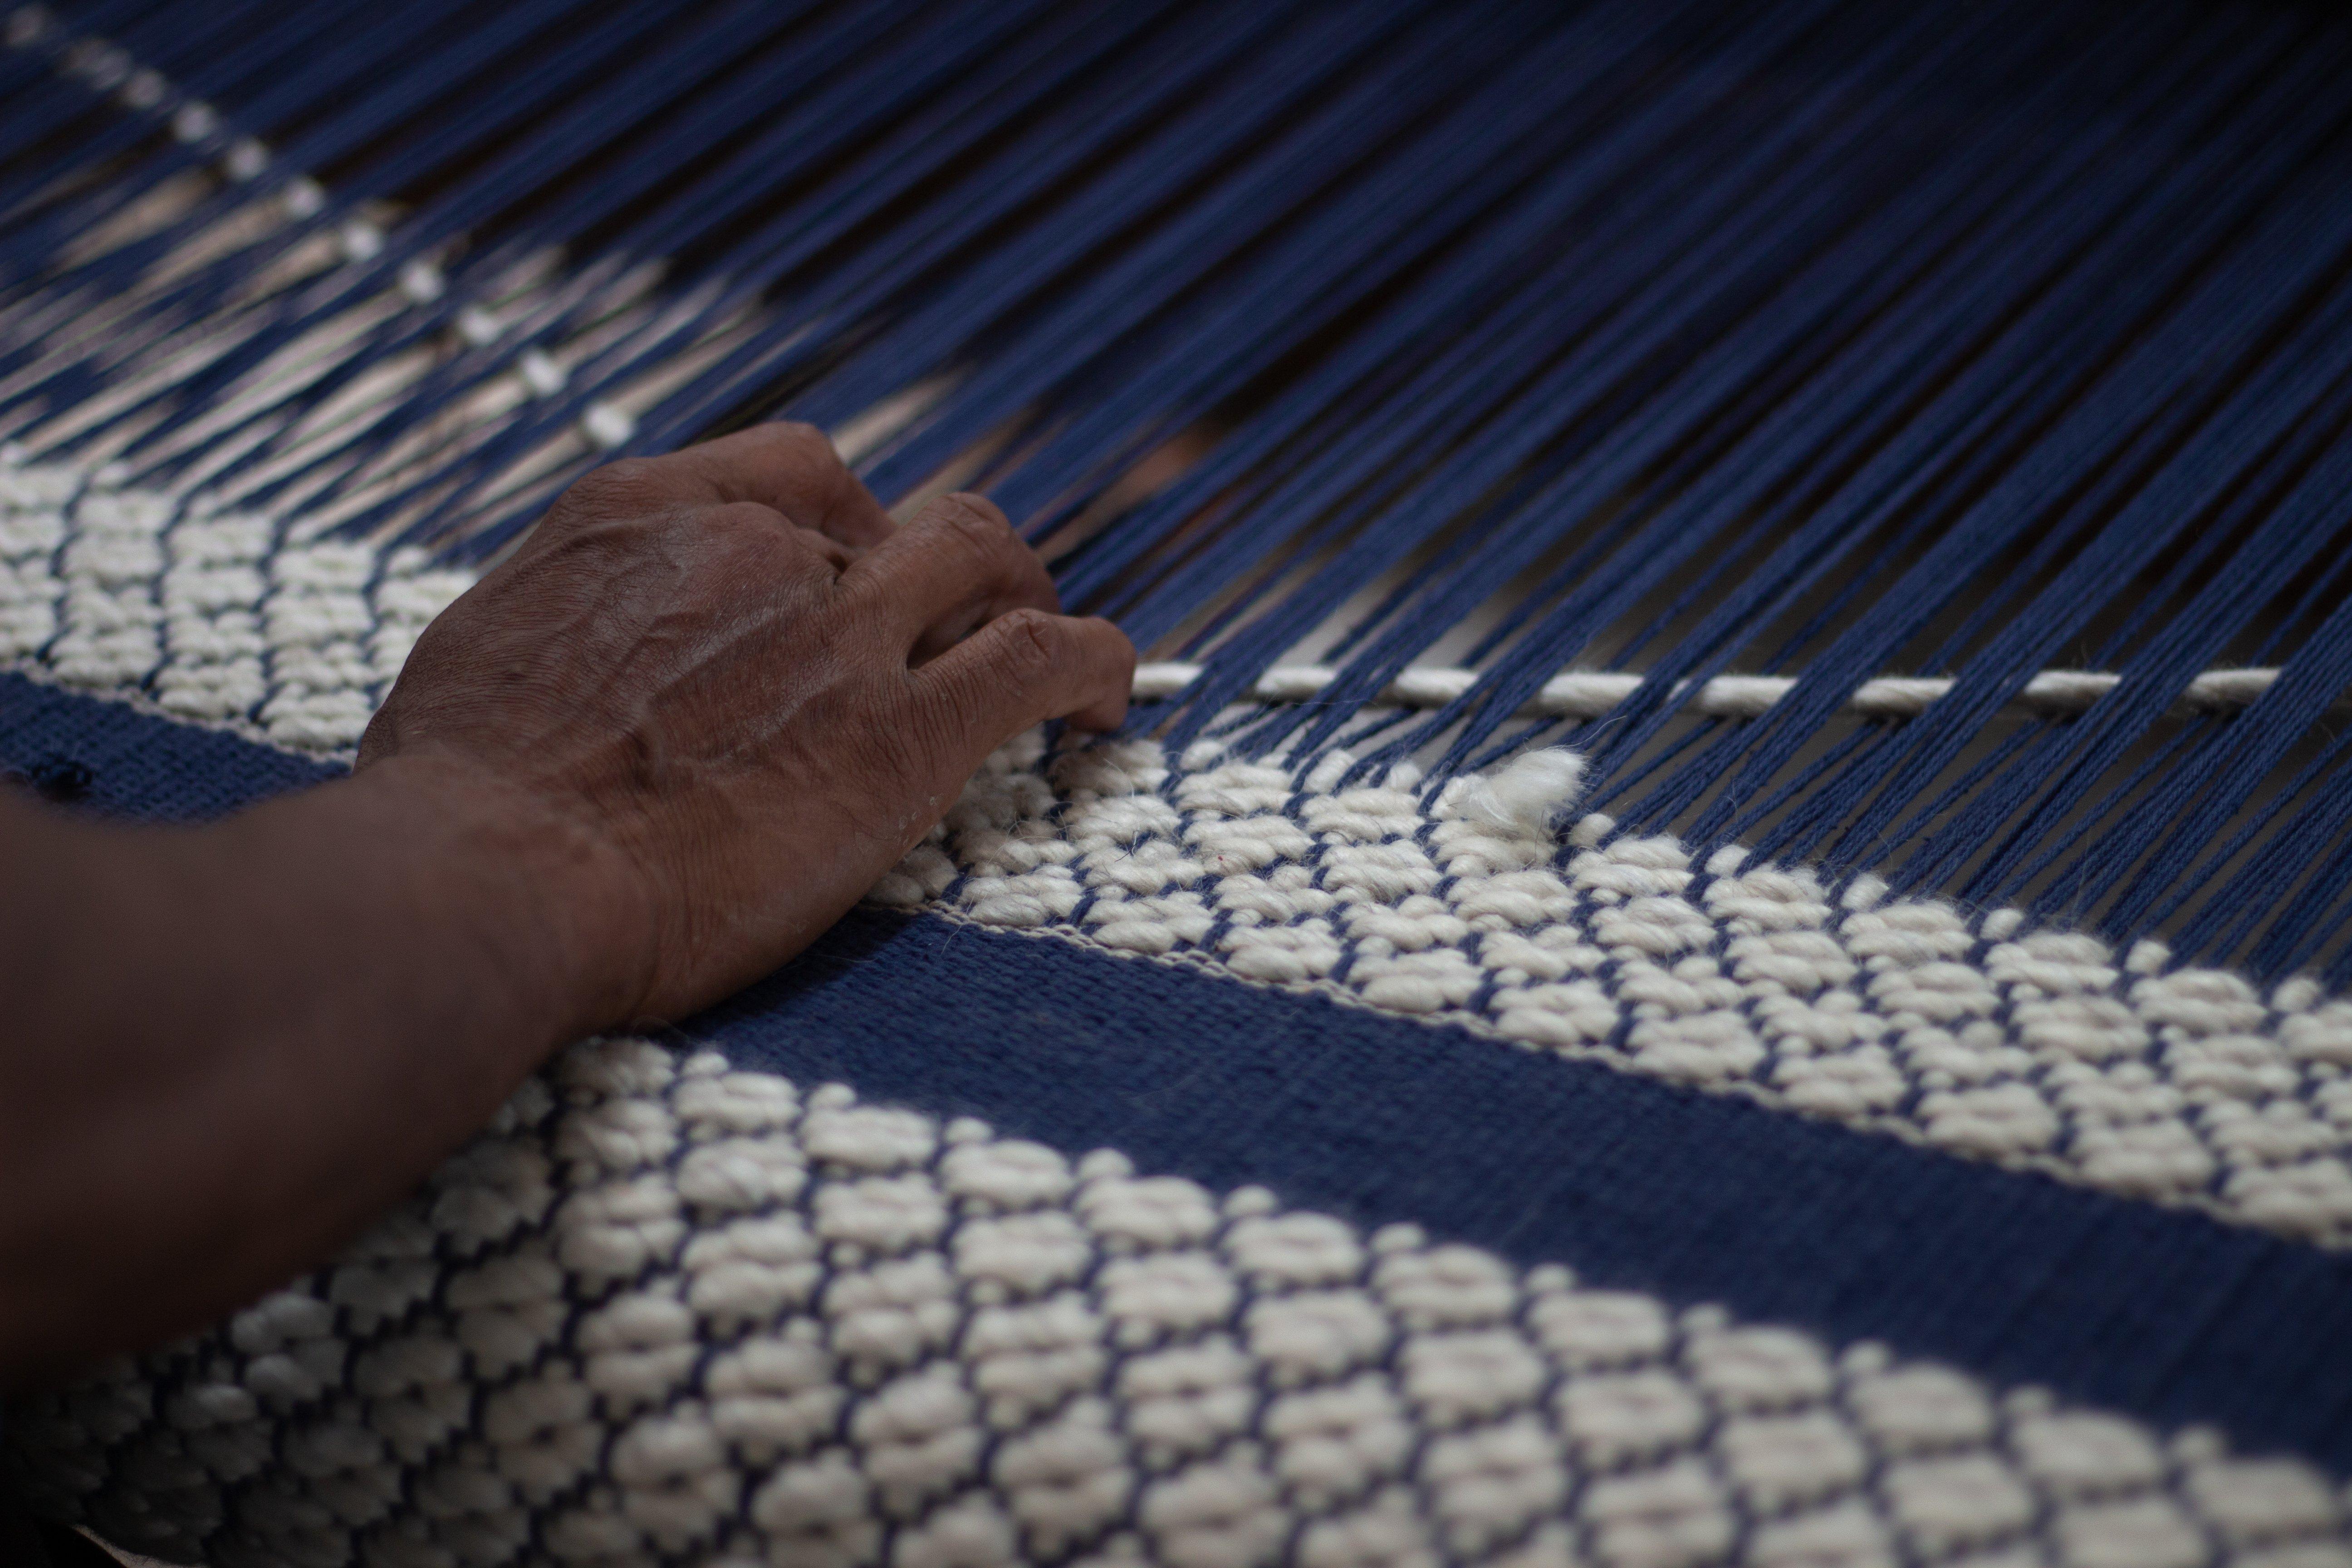 Nordic Flower carpet weaving